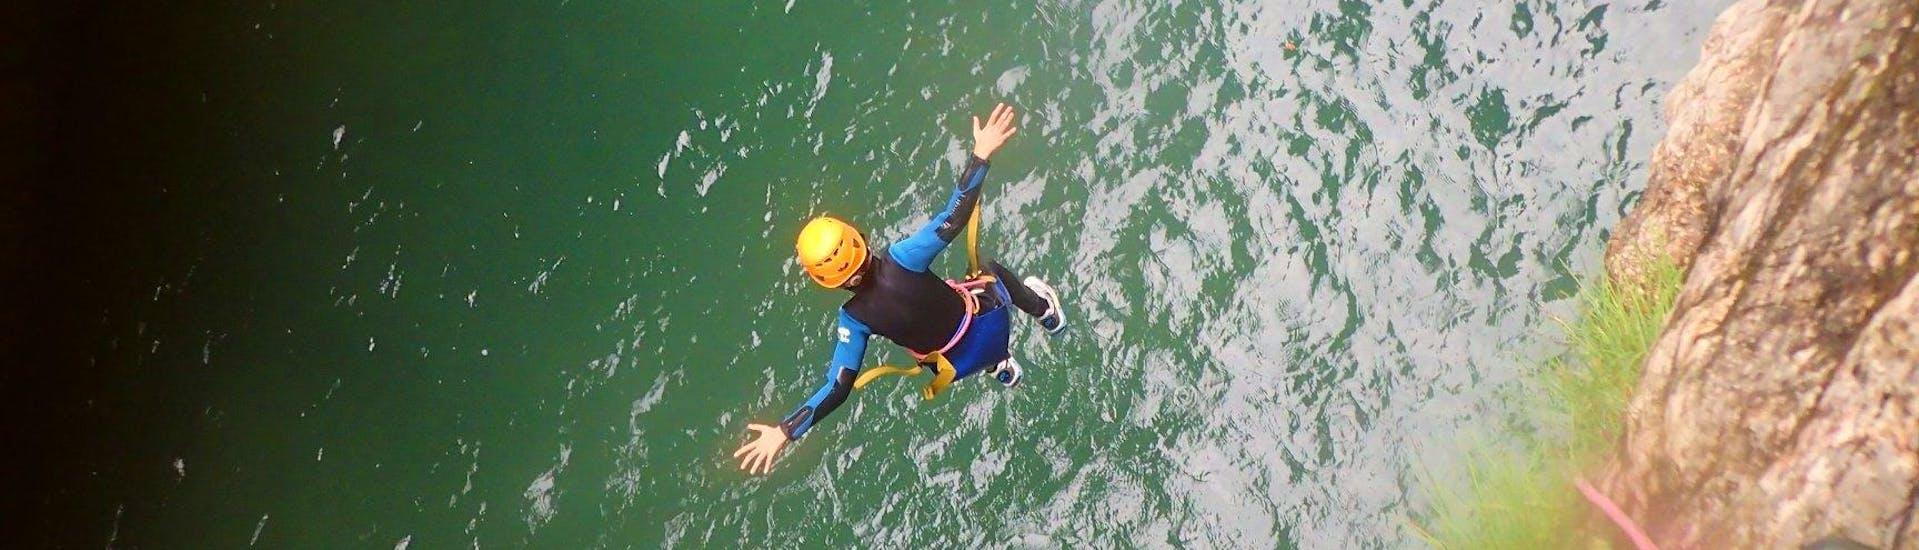 Ein Teilnehmer am Canyoning im Torrente San Michele - Campione Spezial, das von Skyclimber organisiert wird, springt ins Wasser.